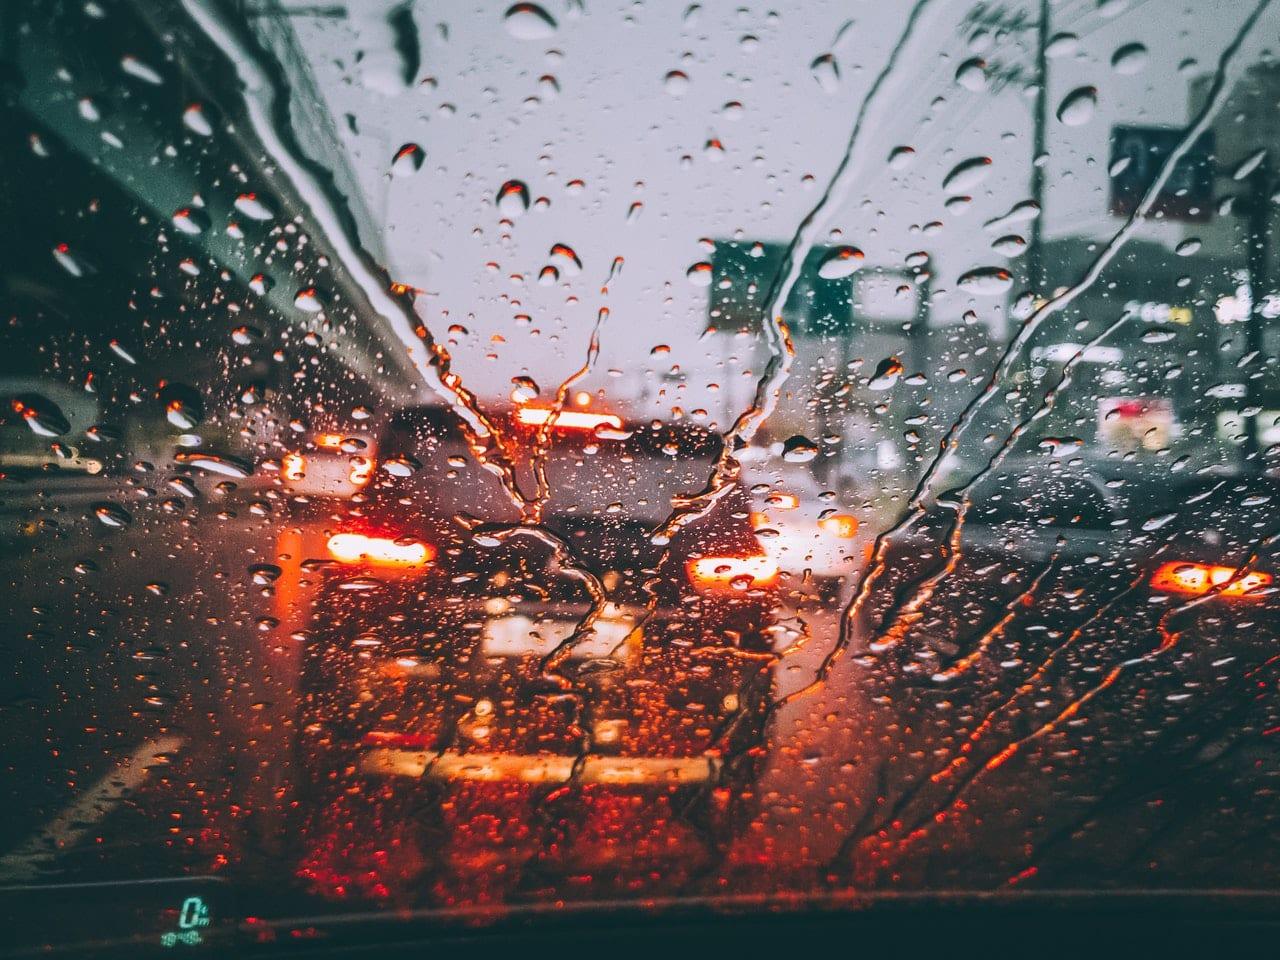 Pare brise pluie sur la route